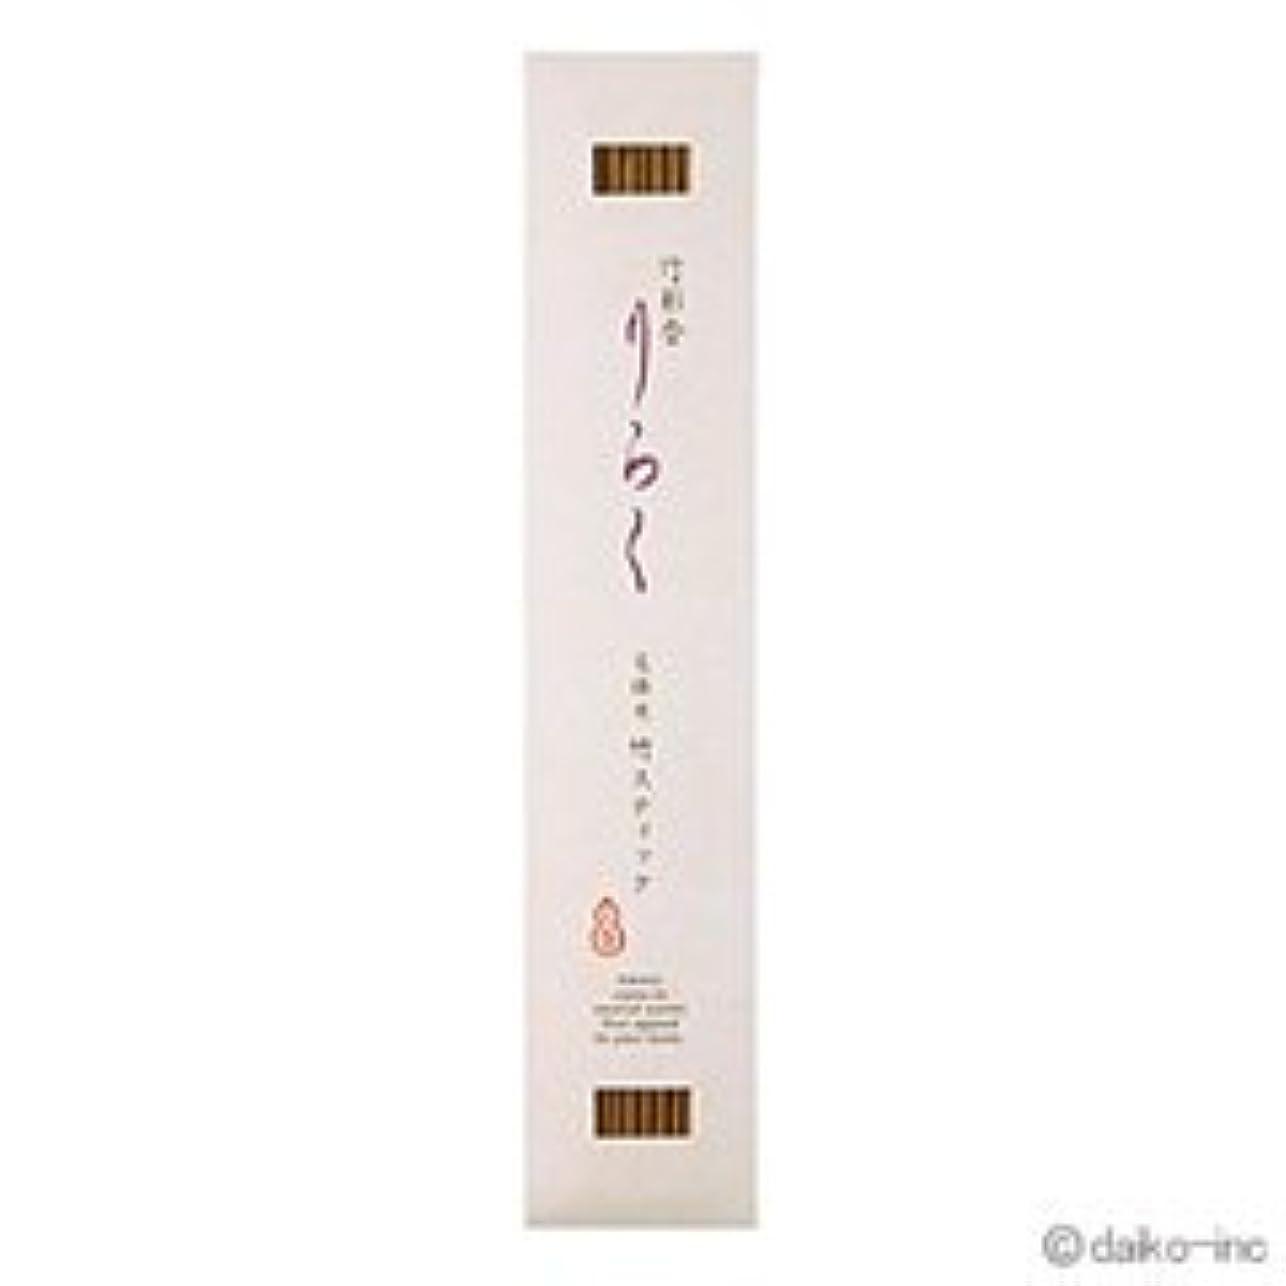 モネスティック枯れる【大香】竹彩香(しさいこう) りらく 交換用竹スティック 白檀の色 10本入